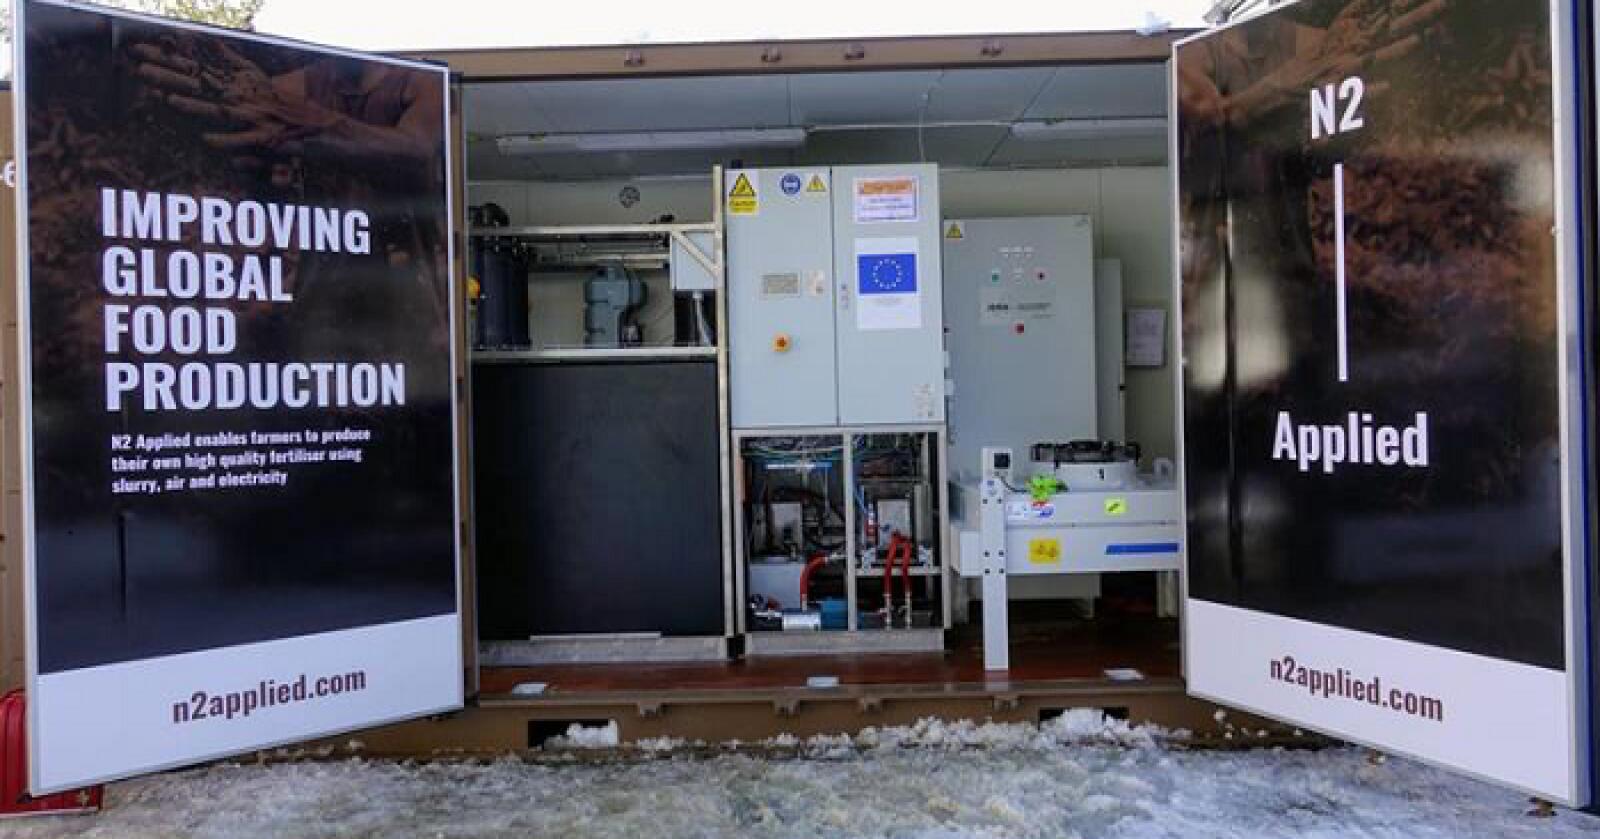 MER NITROGEN: Maskinen som tilsetter nitrogen fra lufta til husdyrgjødsel får plass i en container, og bruker strøm. Prosessen gir ofte dobbelt så stort nitrogeninnhold som gjødsla hadde i utgangspunktet. Foto: Produsenten